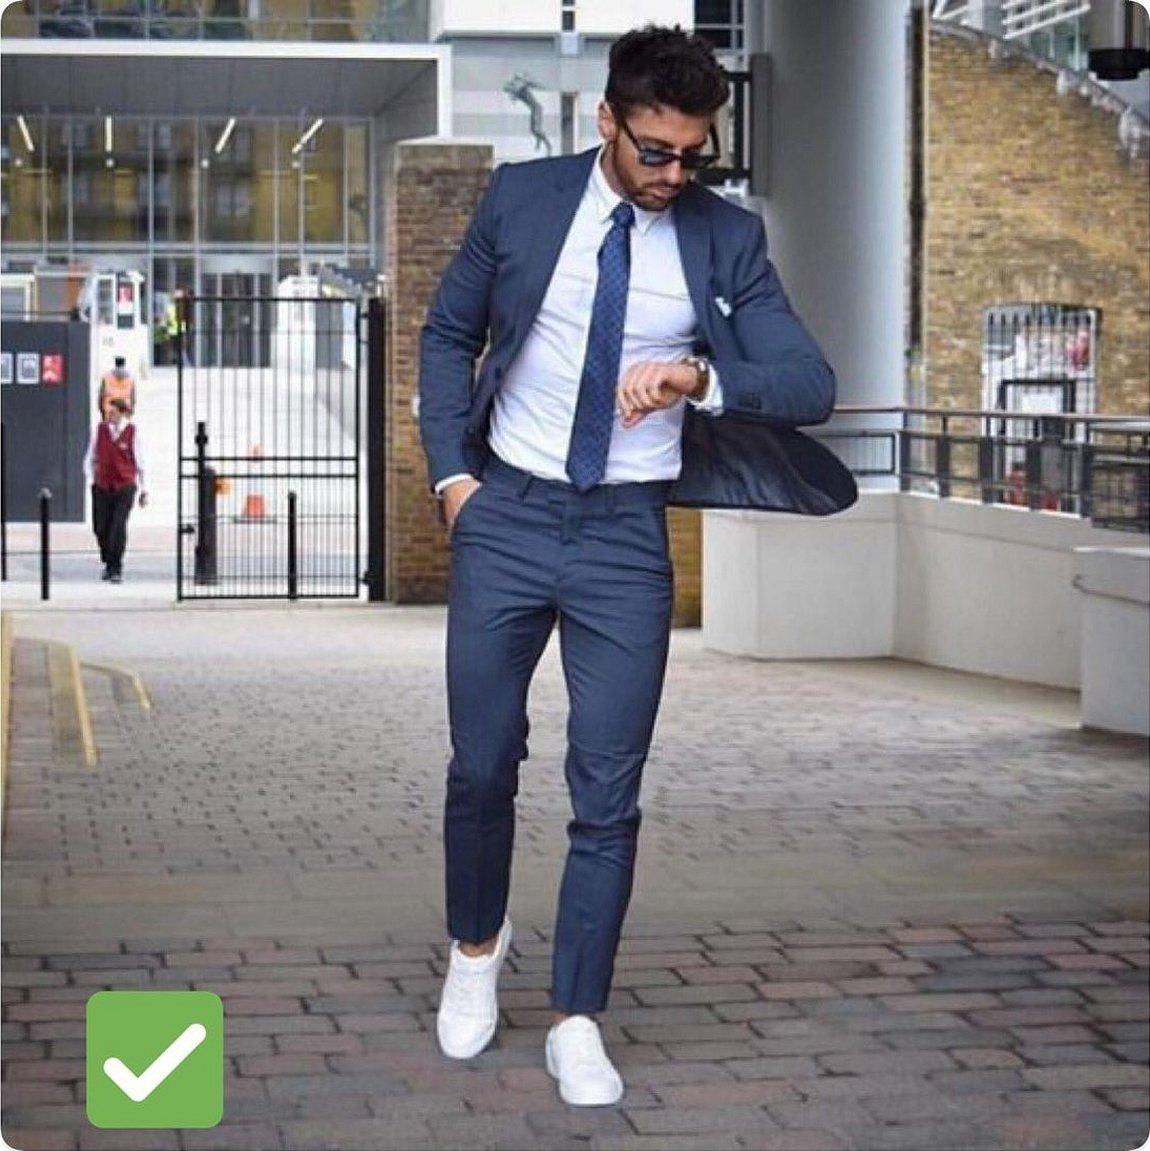 Кэжуал пиджак джинсы кроссовки